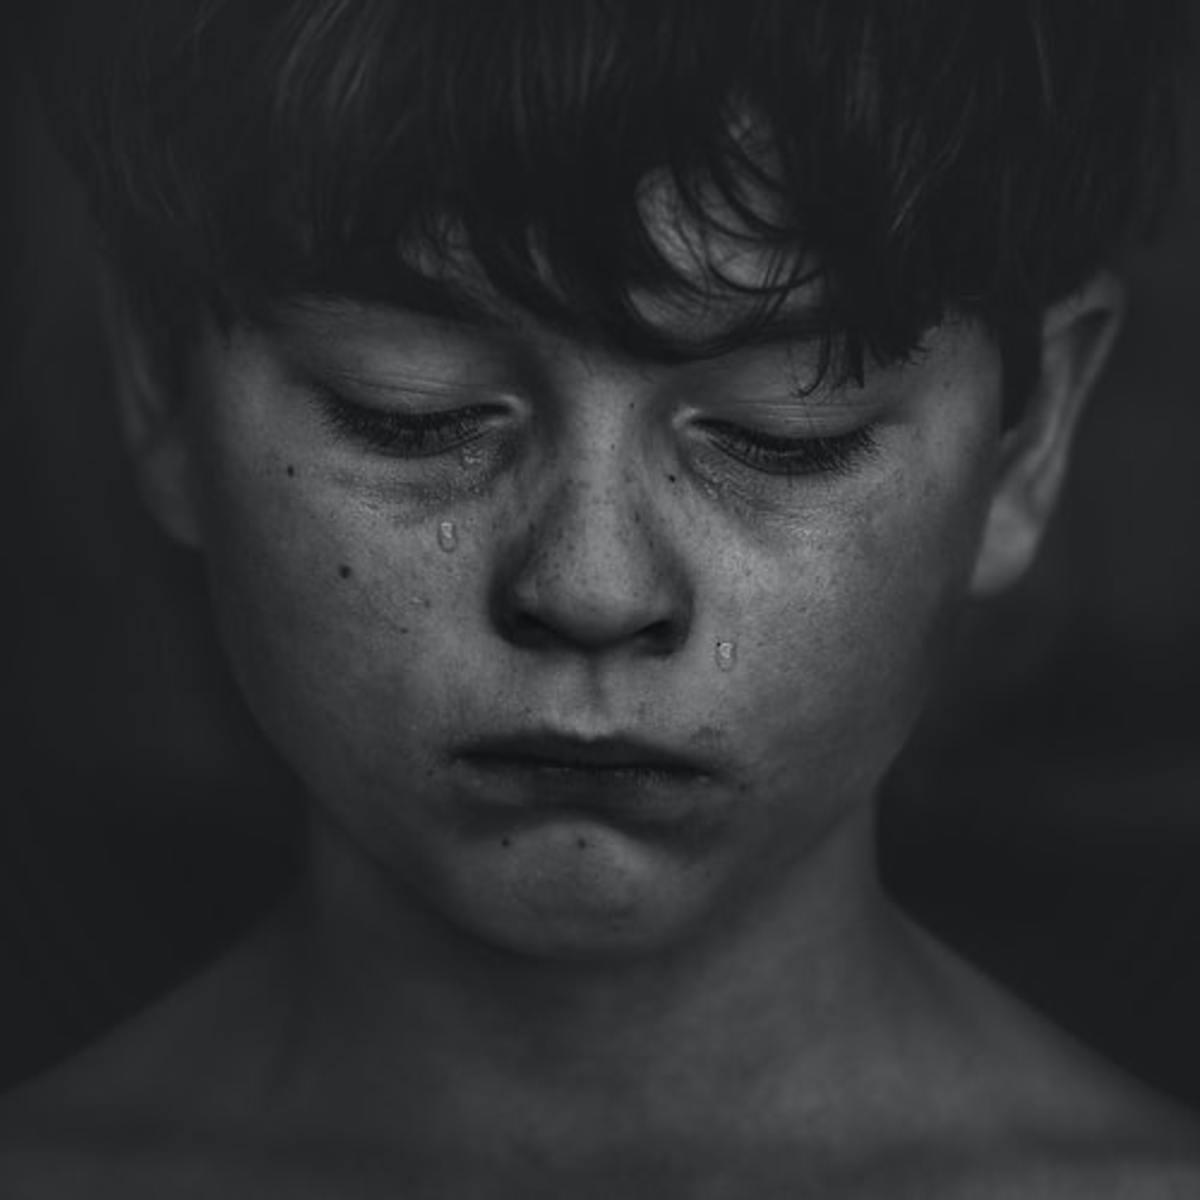 little-boys-pumping-pain-again